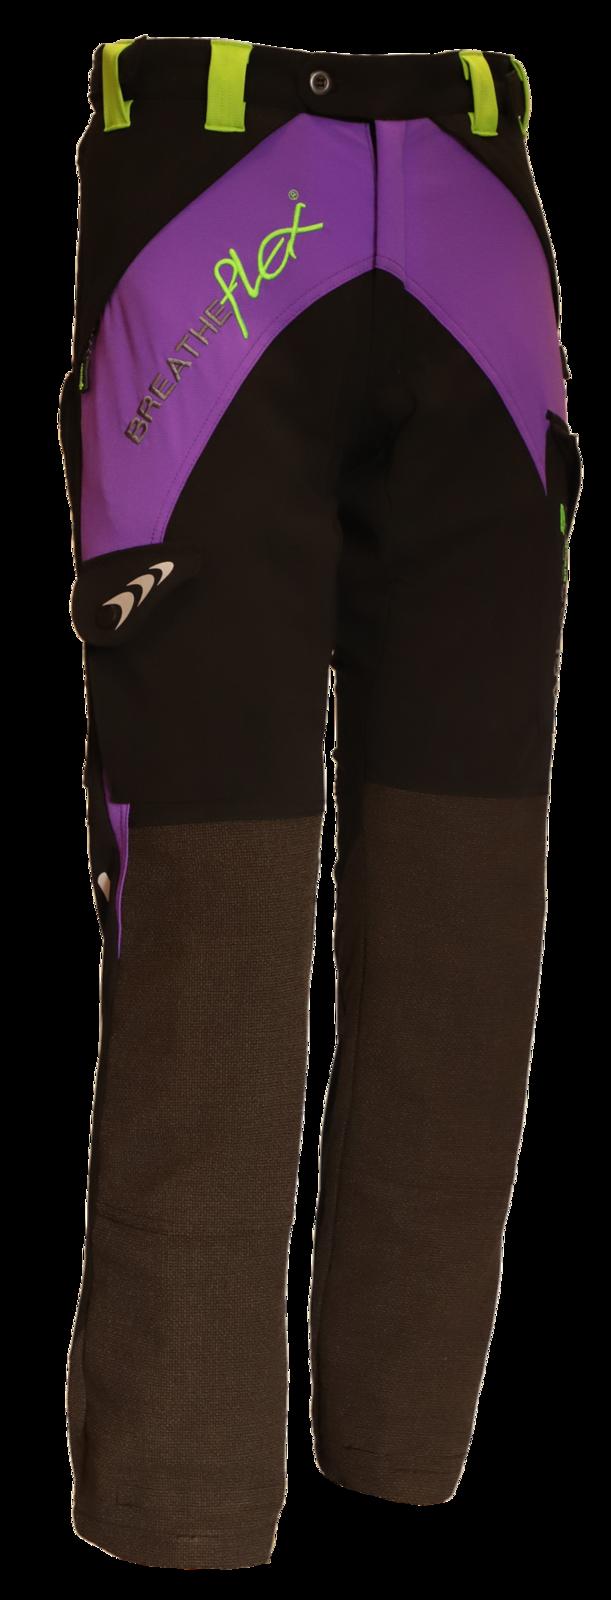 ARBORTEC Breatheflex Ladies Chainsaw Protective Pants